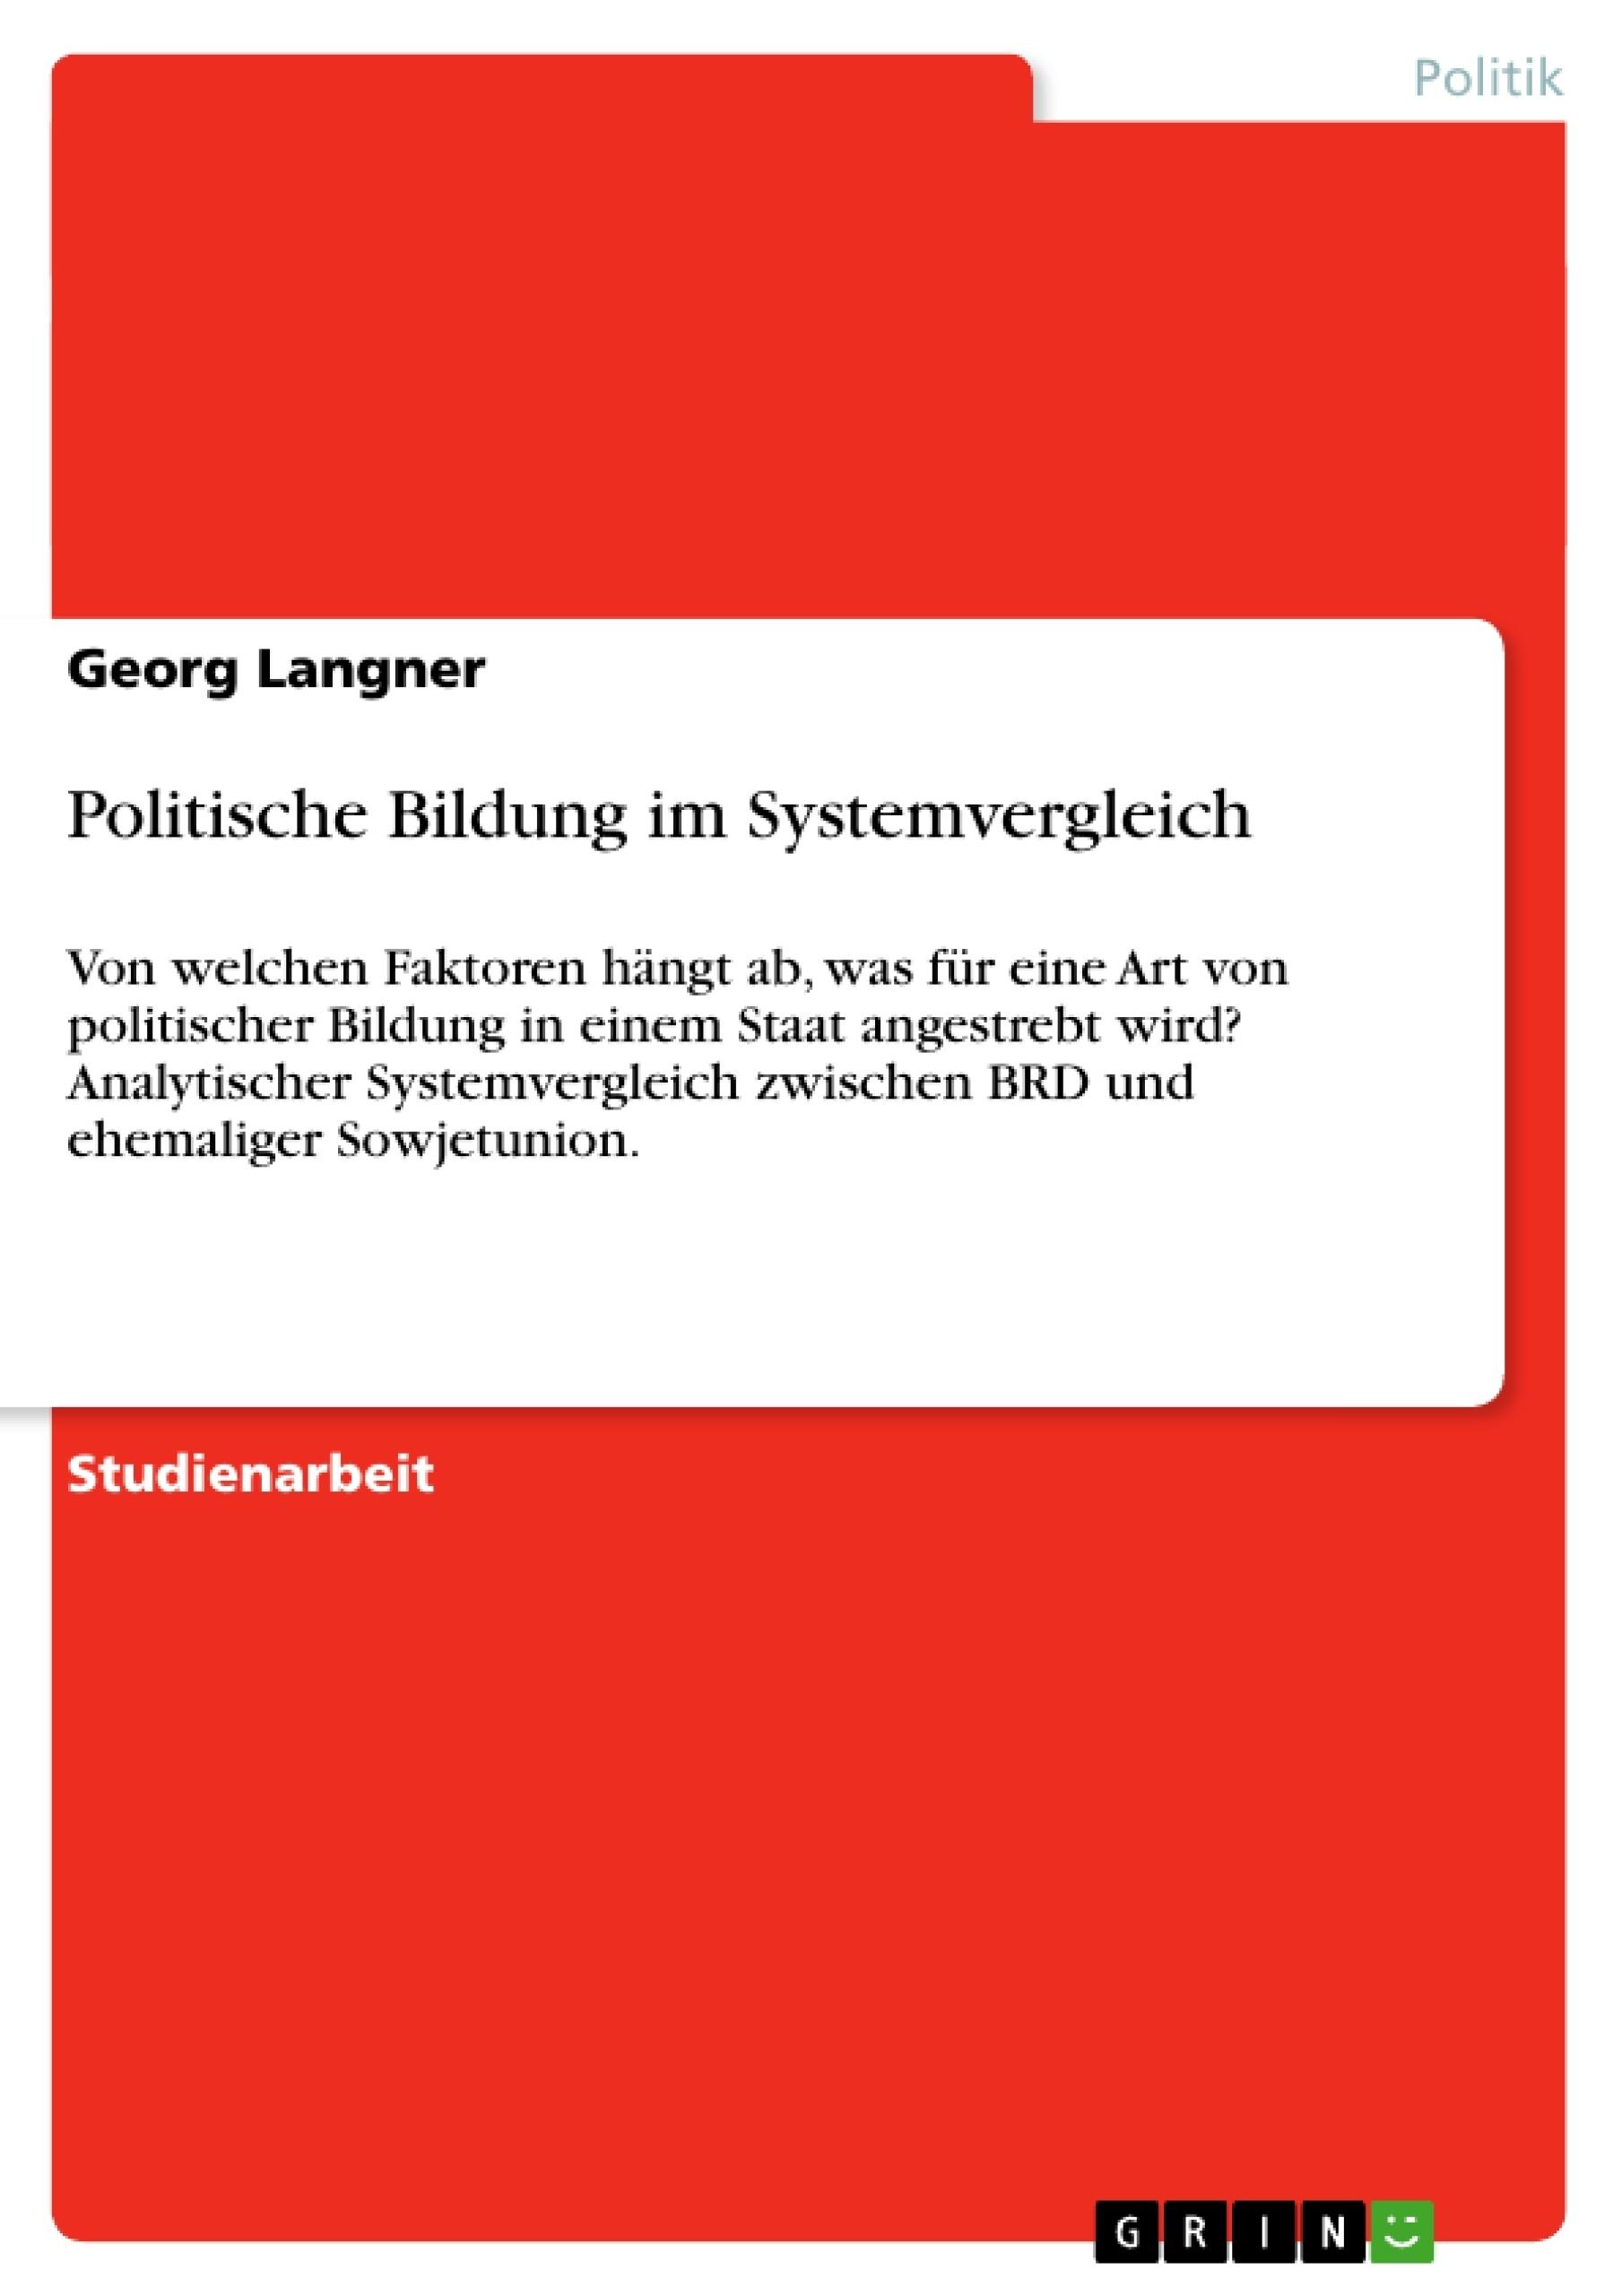 Titel: Politische Bildung im Systemvergleich